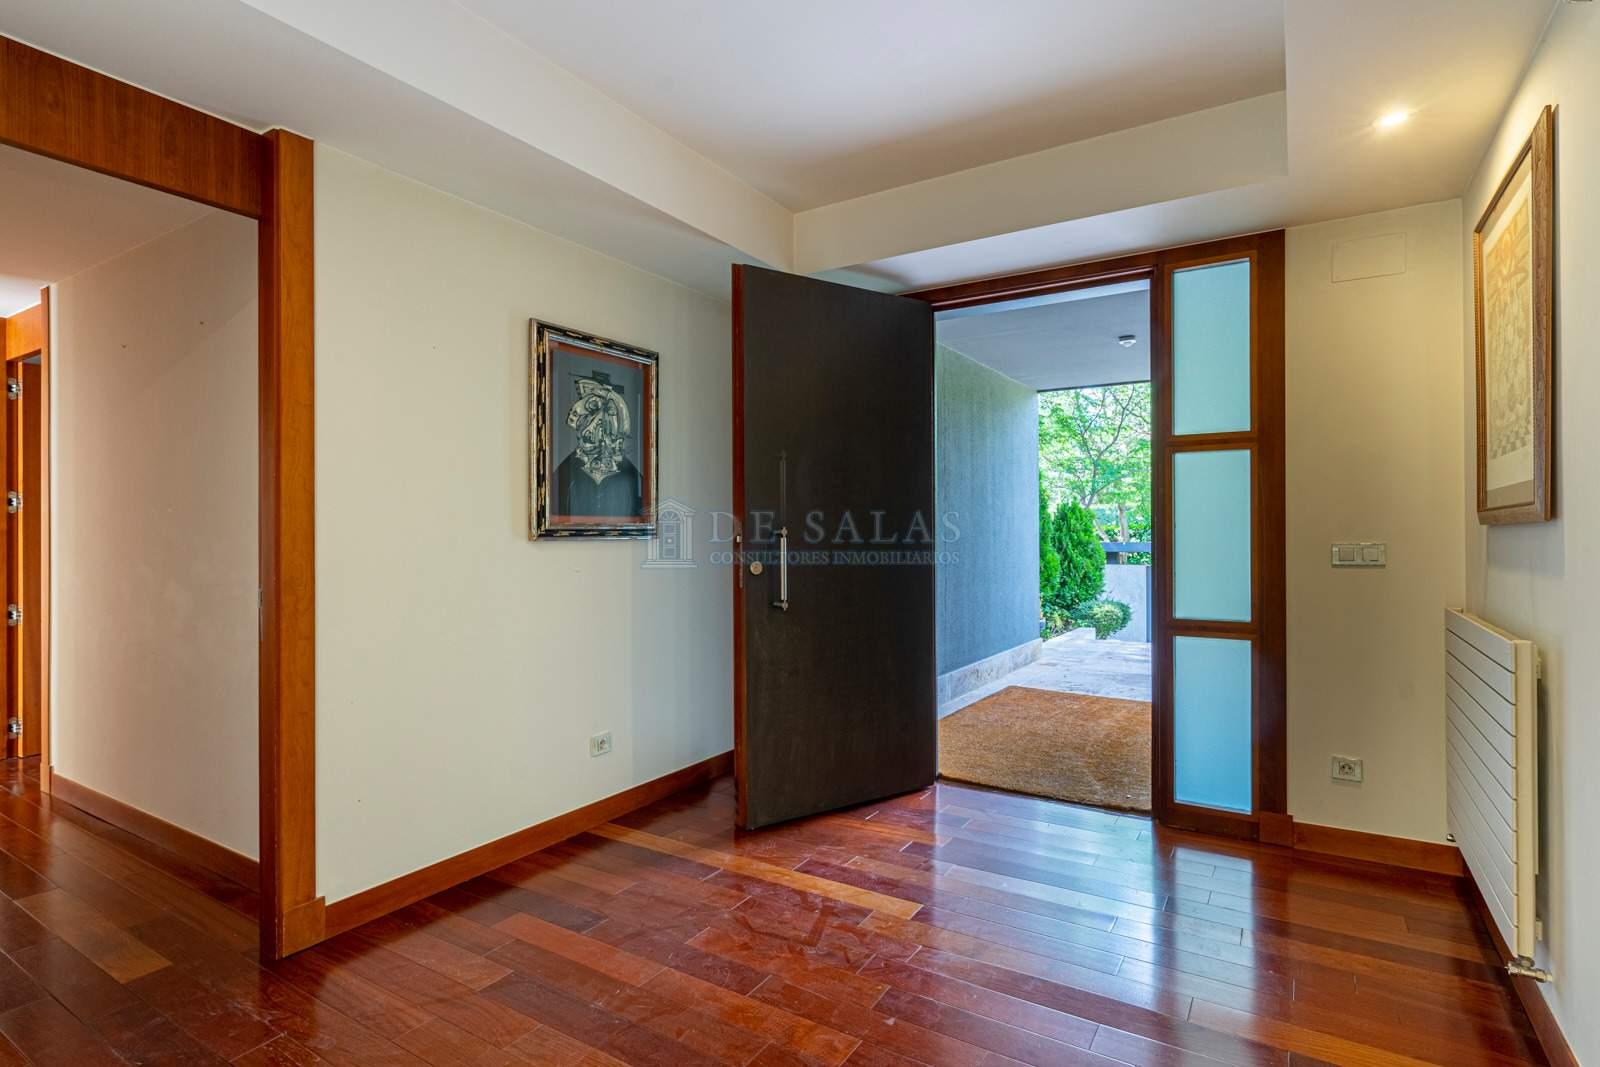 23 House Mirasierra